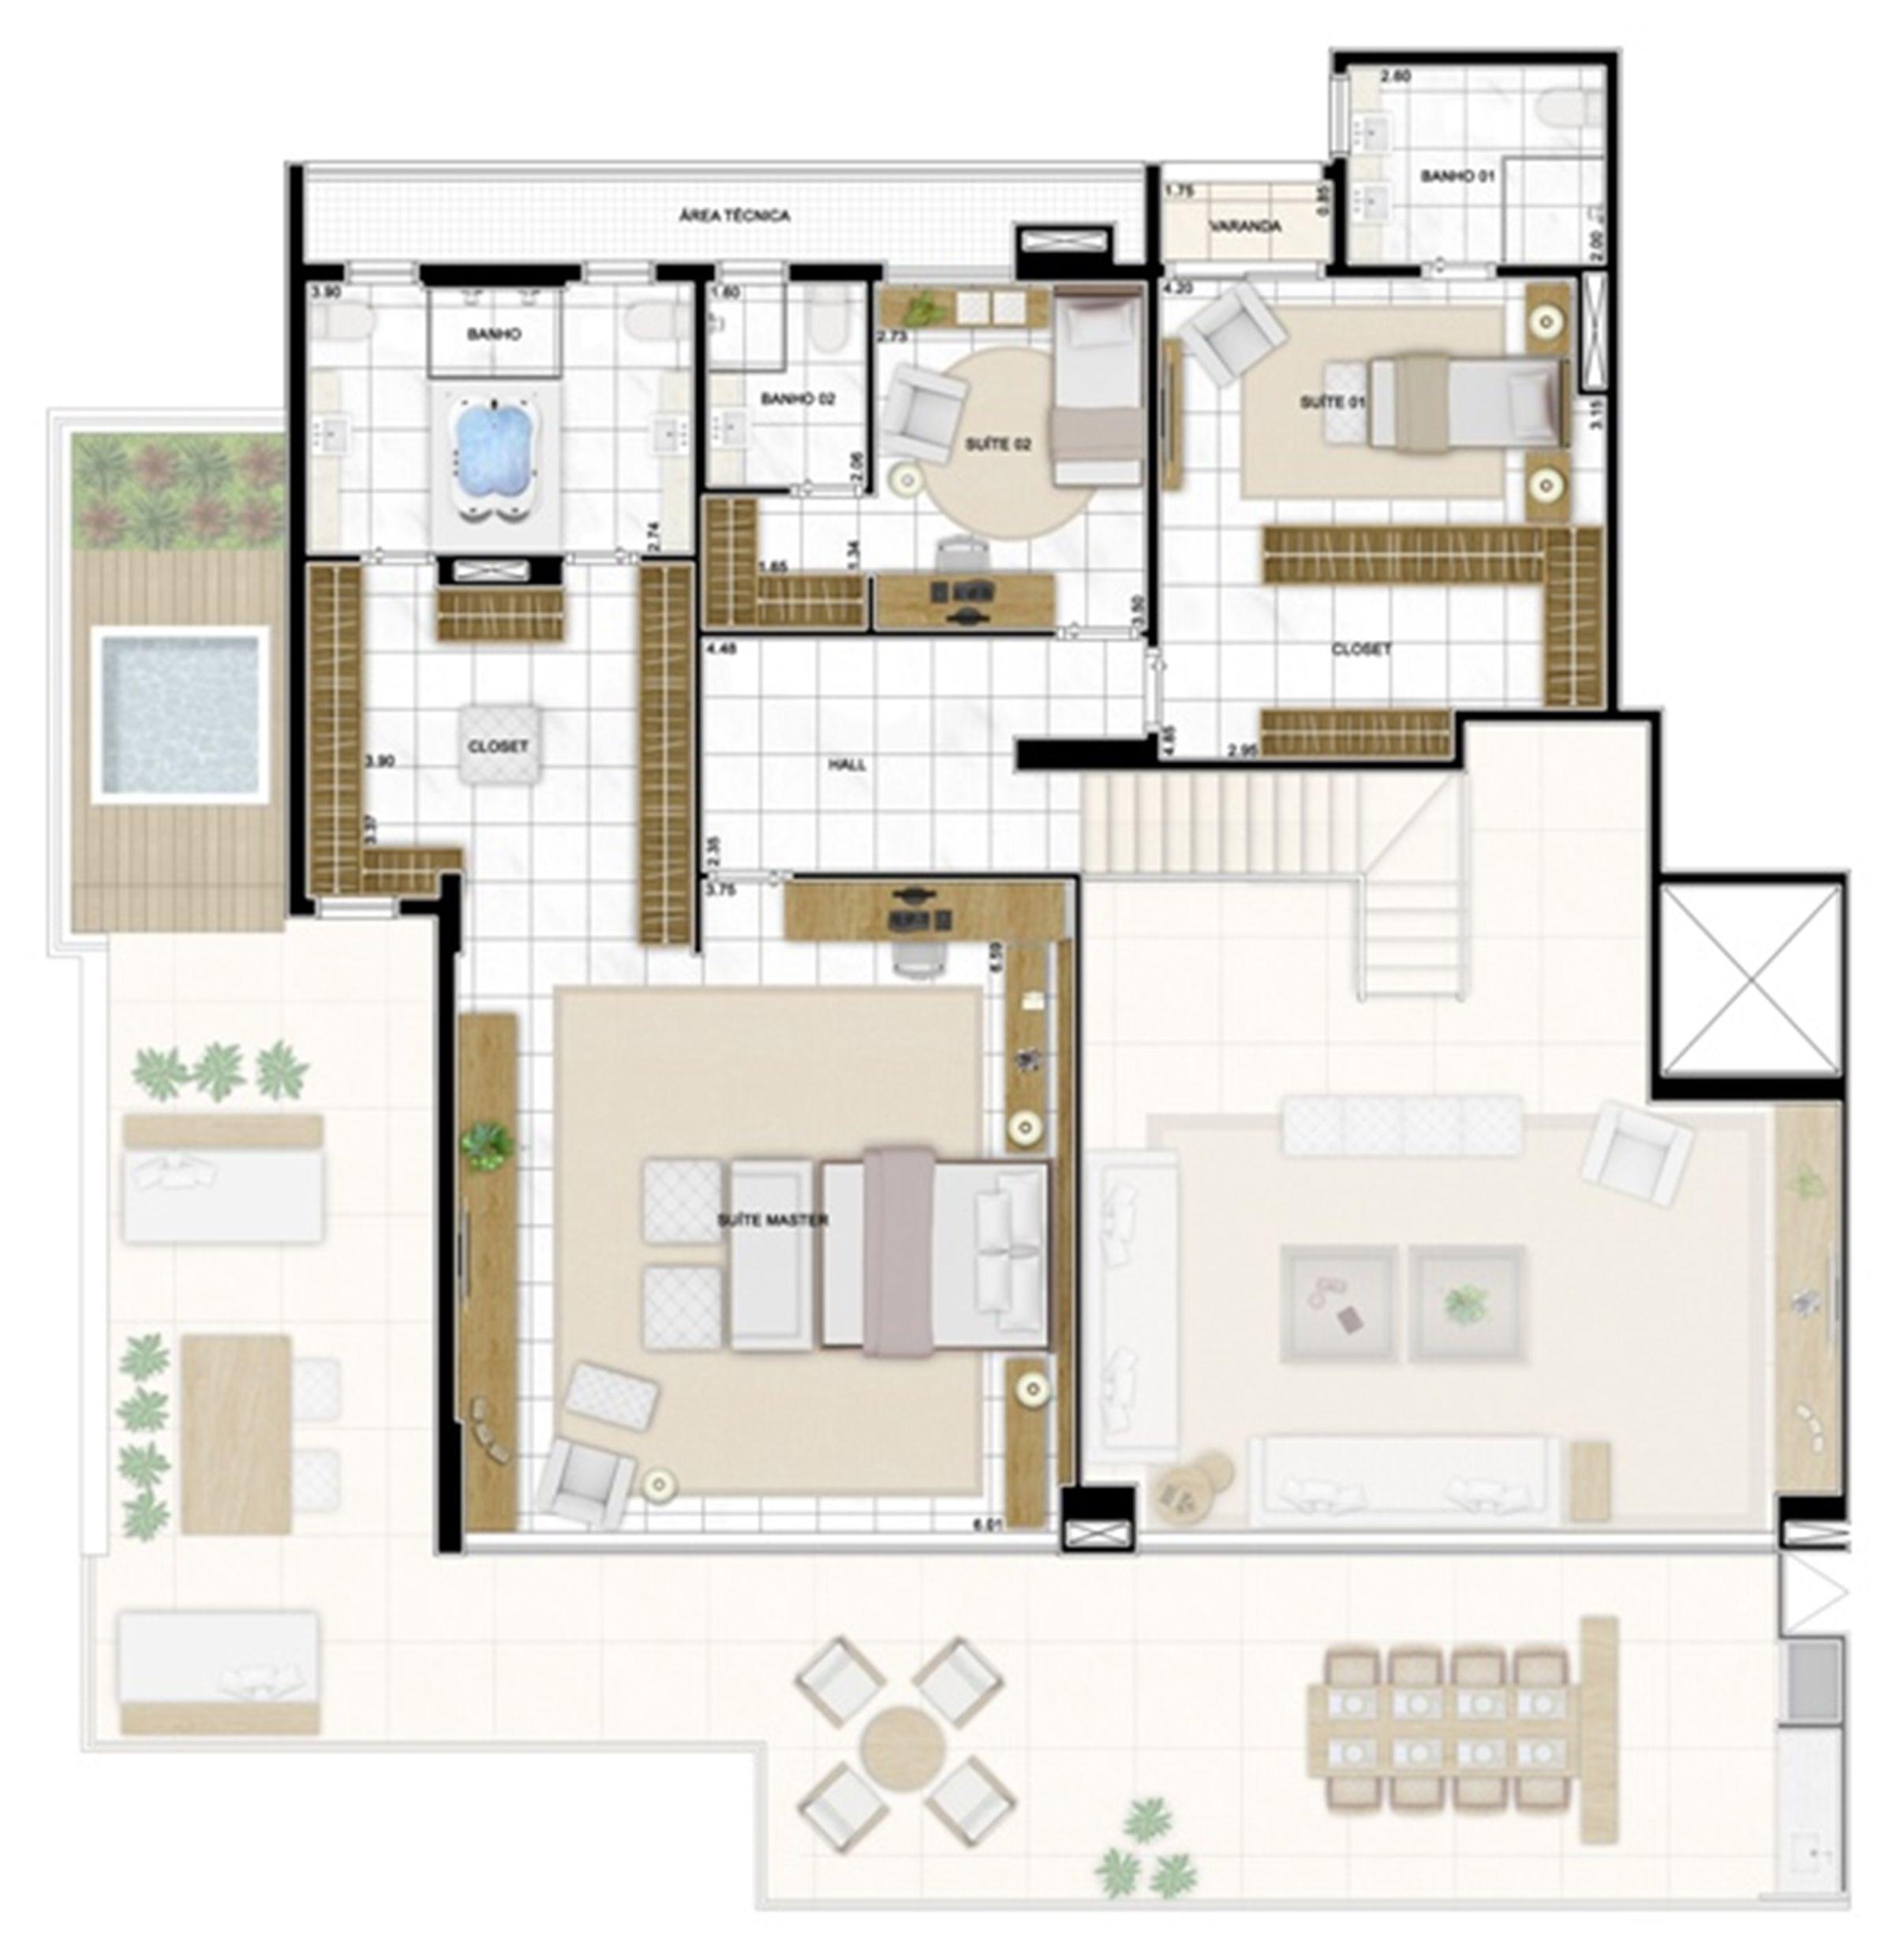 Planta Duplex Superior 422m² | Infinity Areia Preta – Apartamento na  Areia Preta - Natal - Rio Grande do Norte